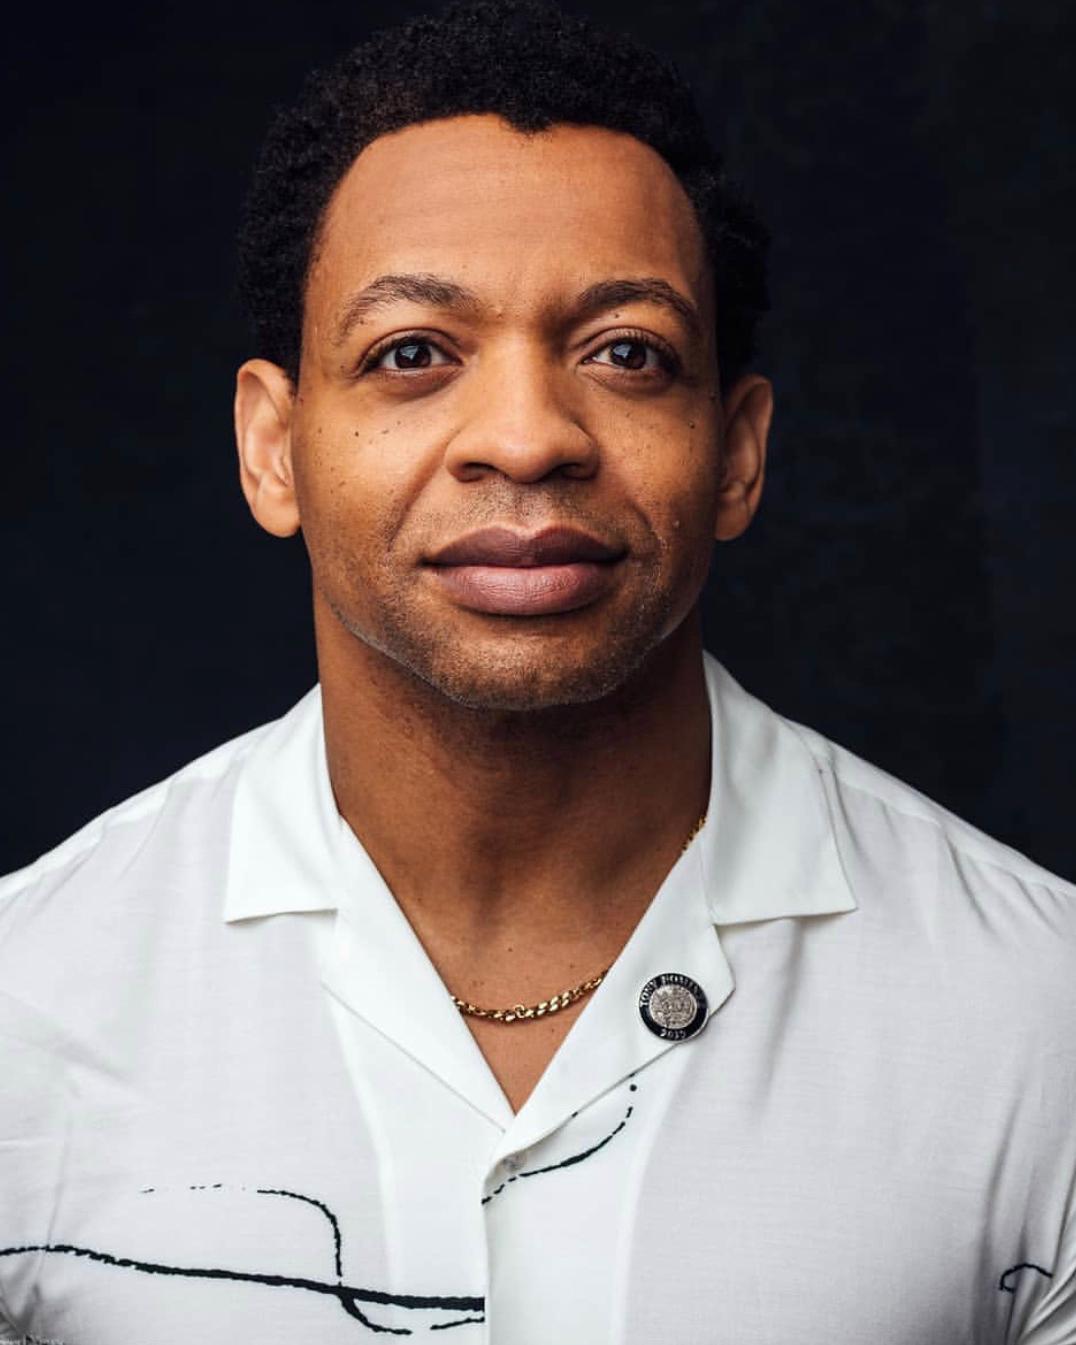 Derrick Baskin